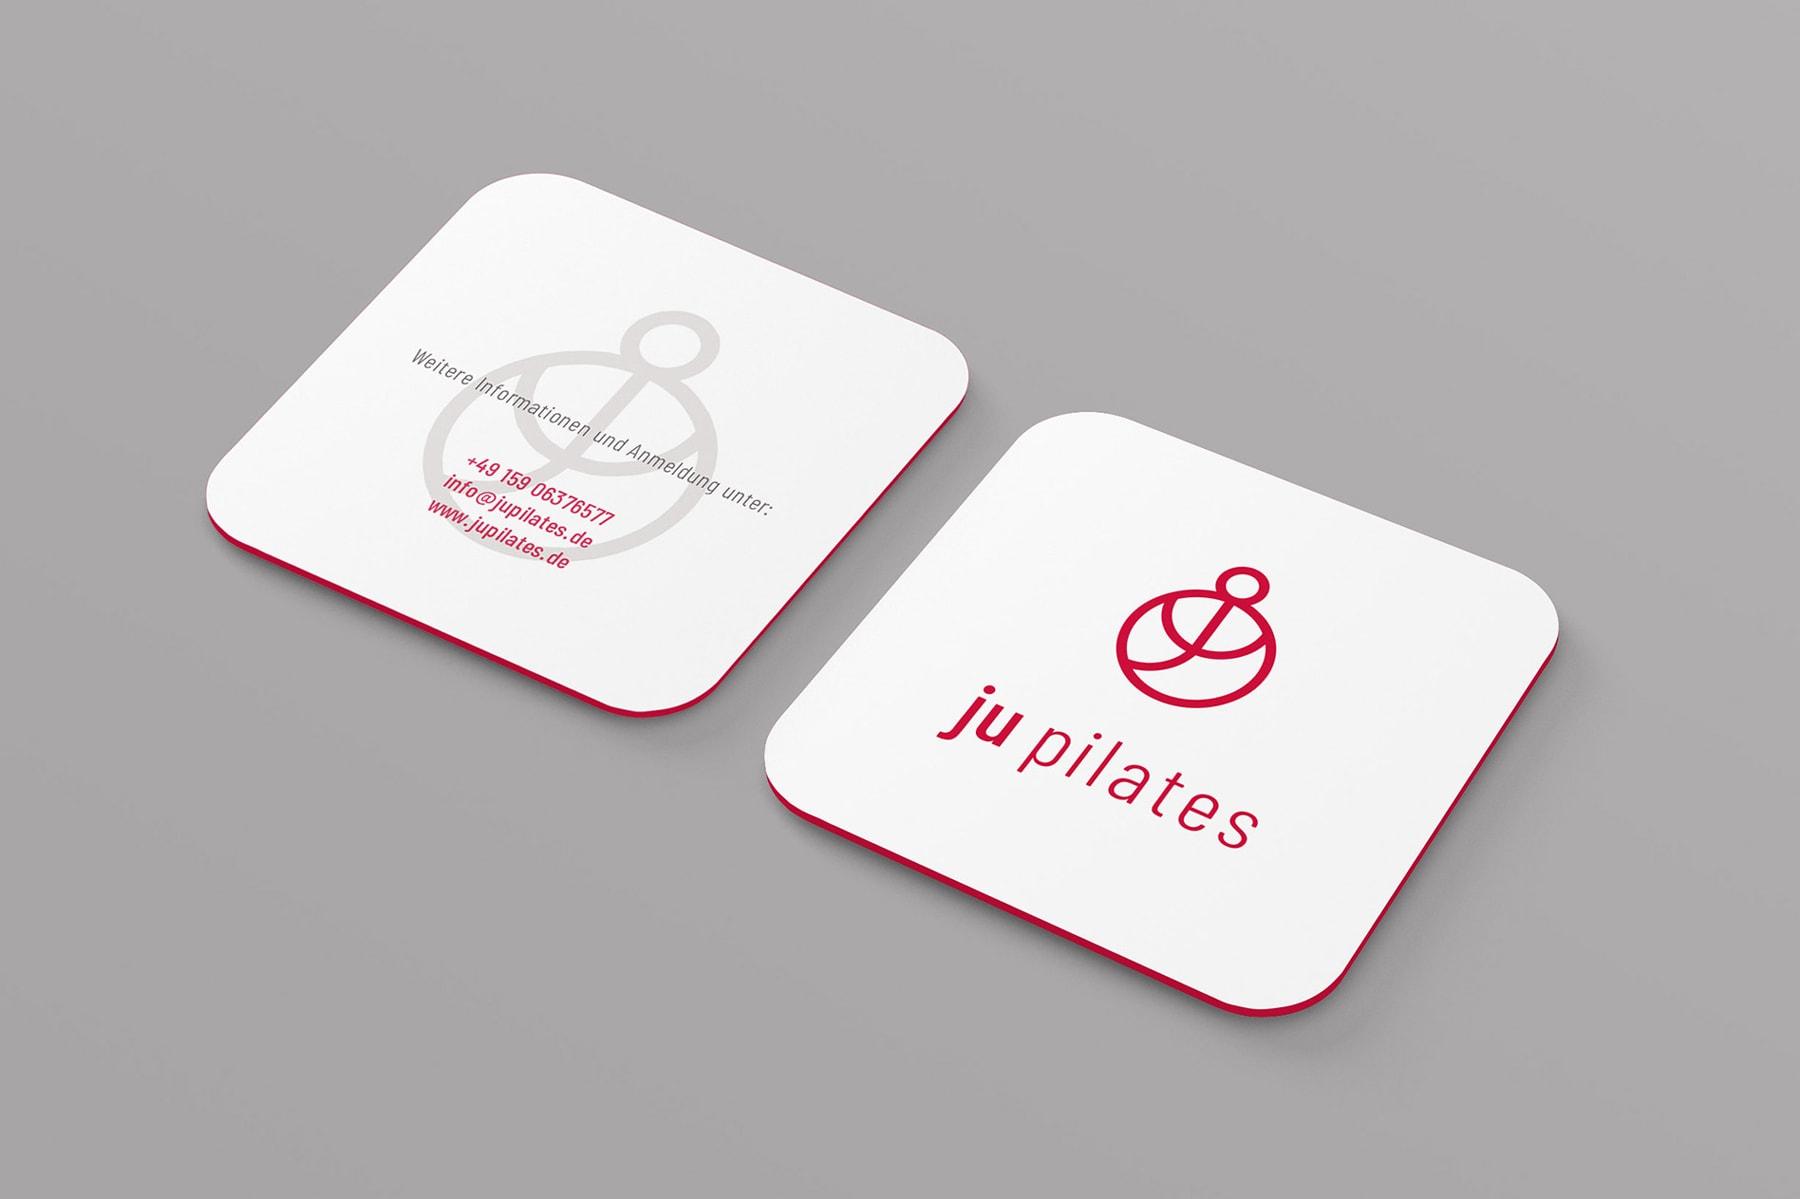 Ju Pilates, Visitenkarte, Geschäftsausstattung